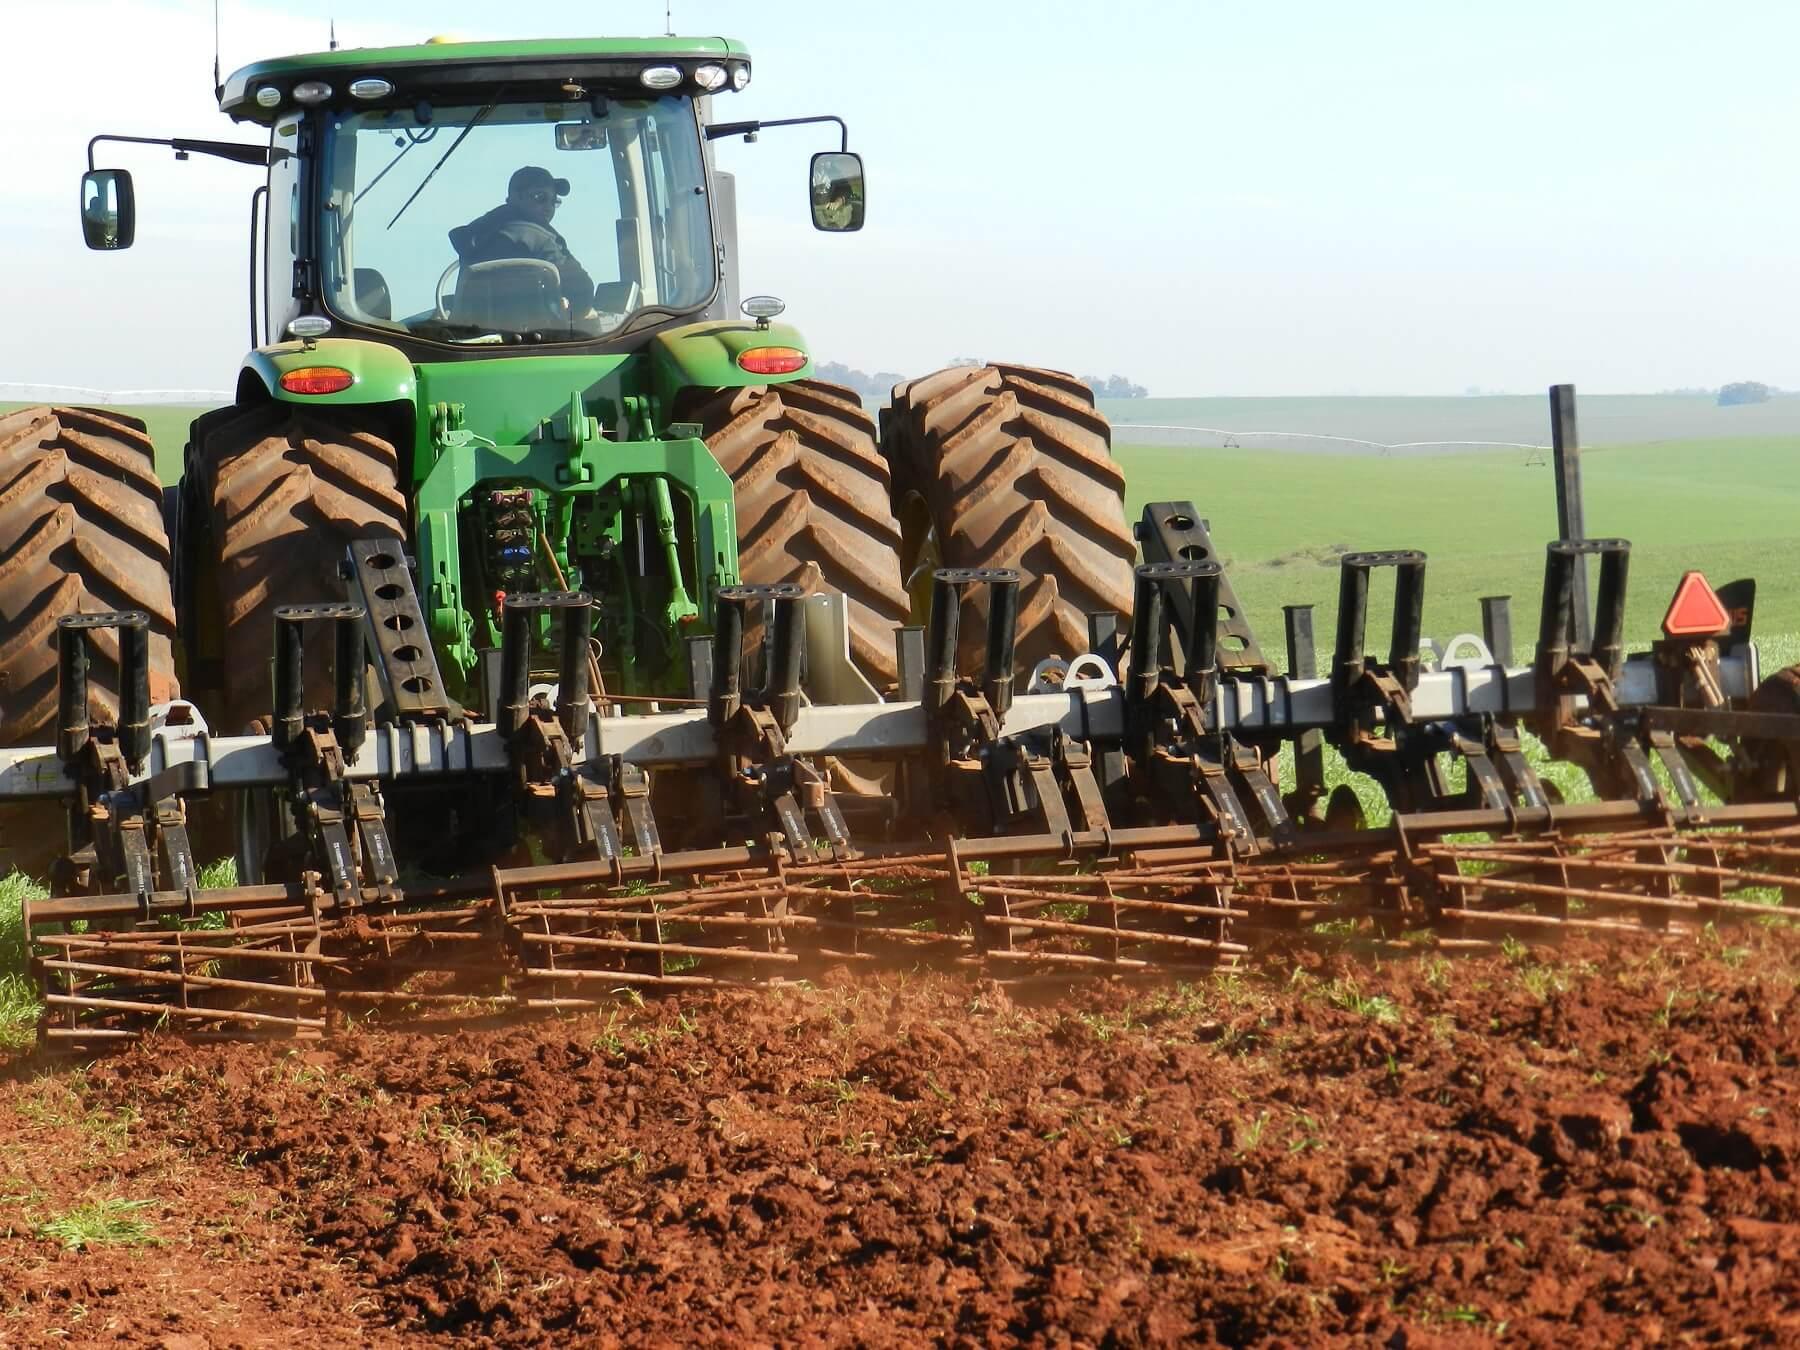 Manejo do solo: dicas de como fazer na sua propriedade rural